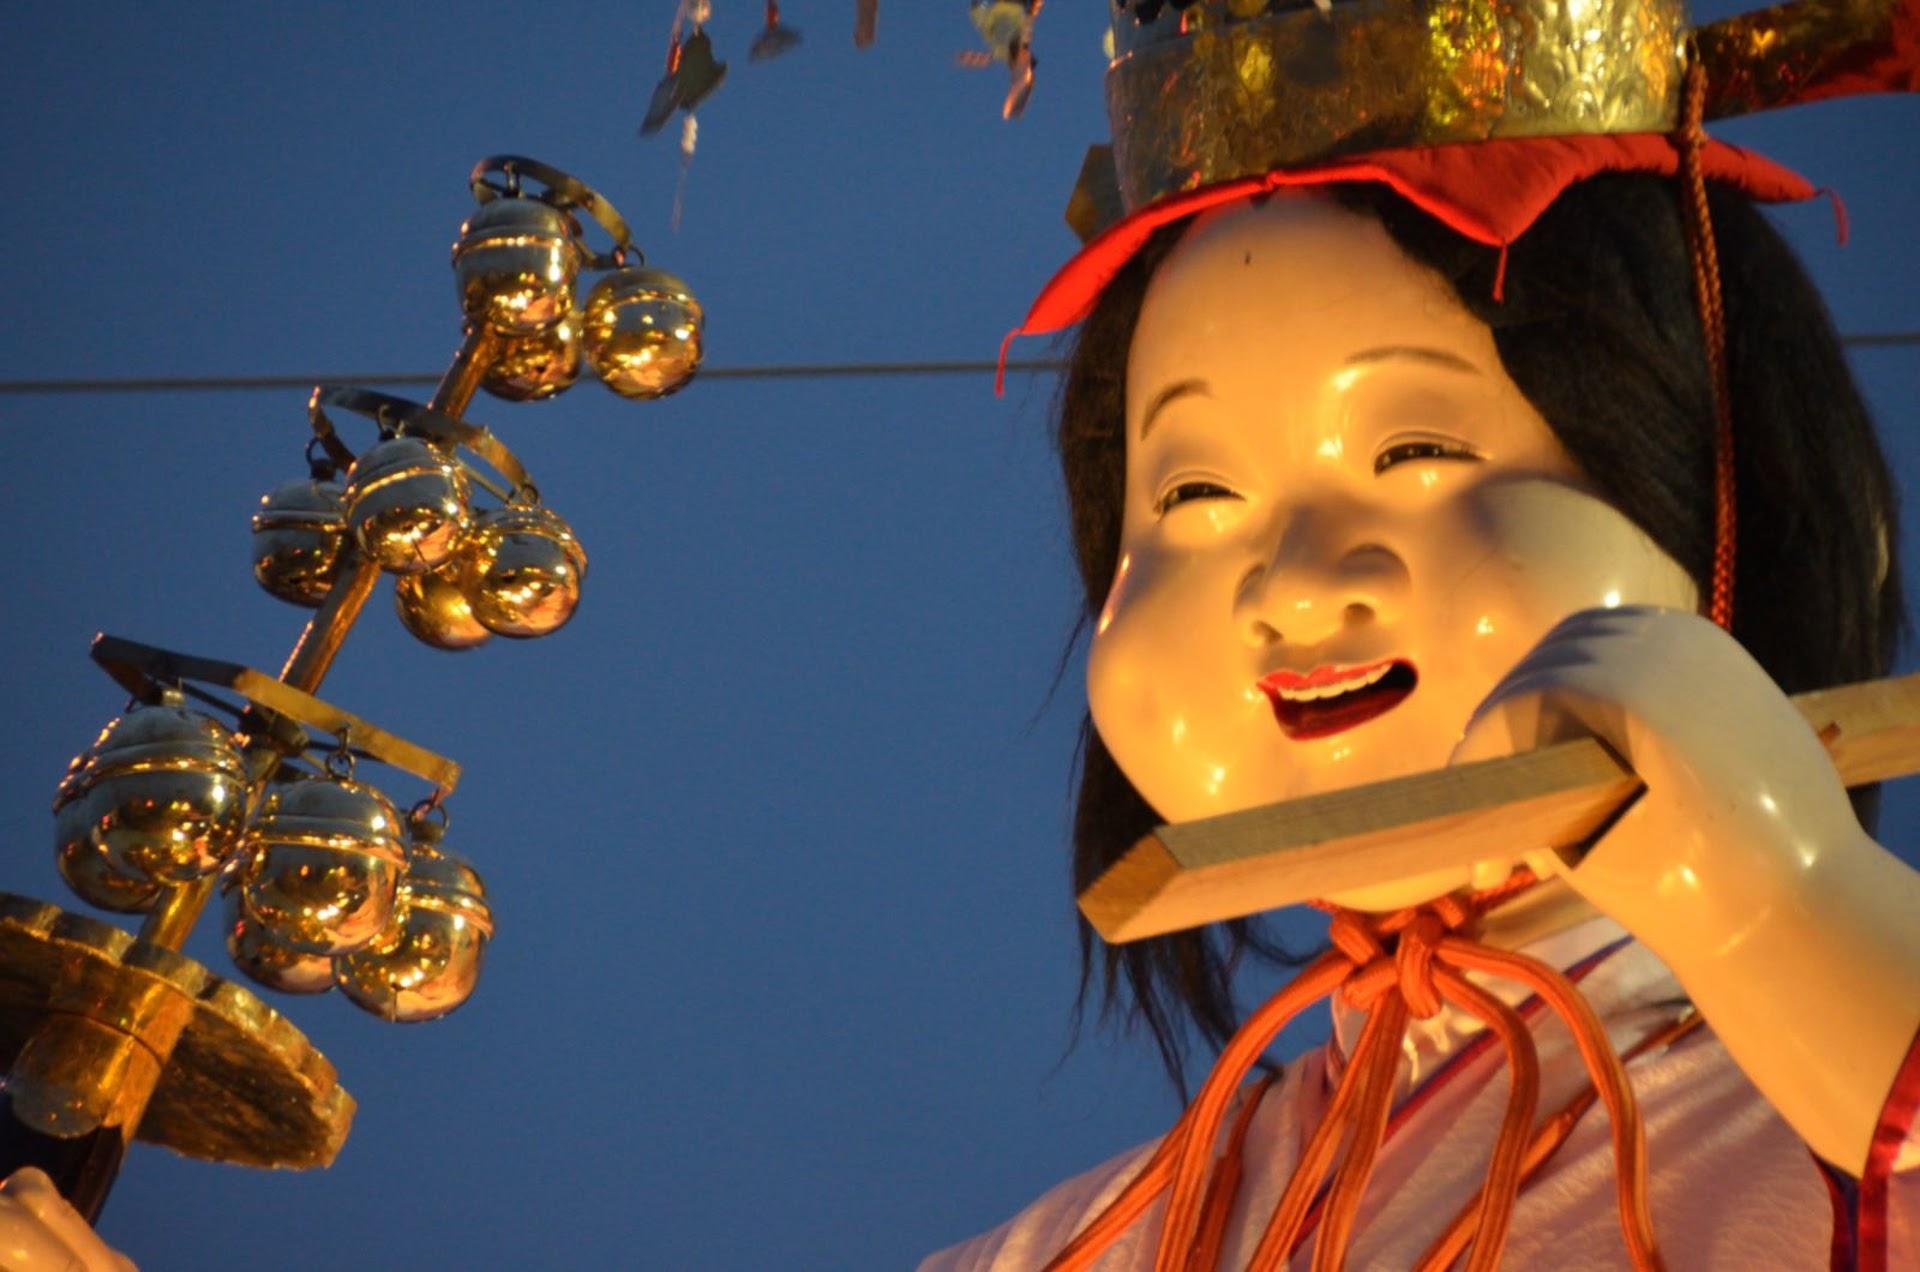 次は佐原の大祭秋祭り|7/14-21の人気記事まとめ|加藤瓦店